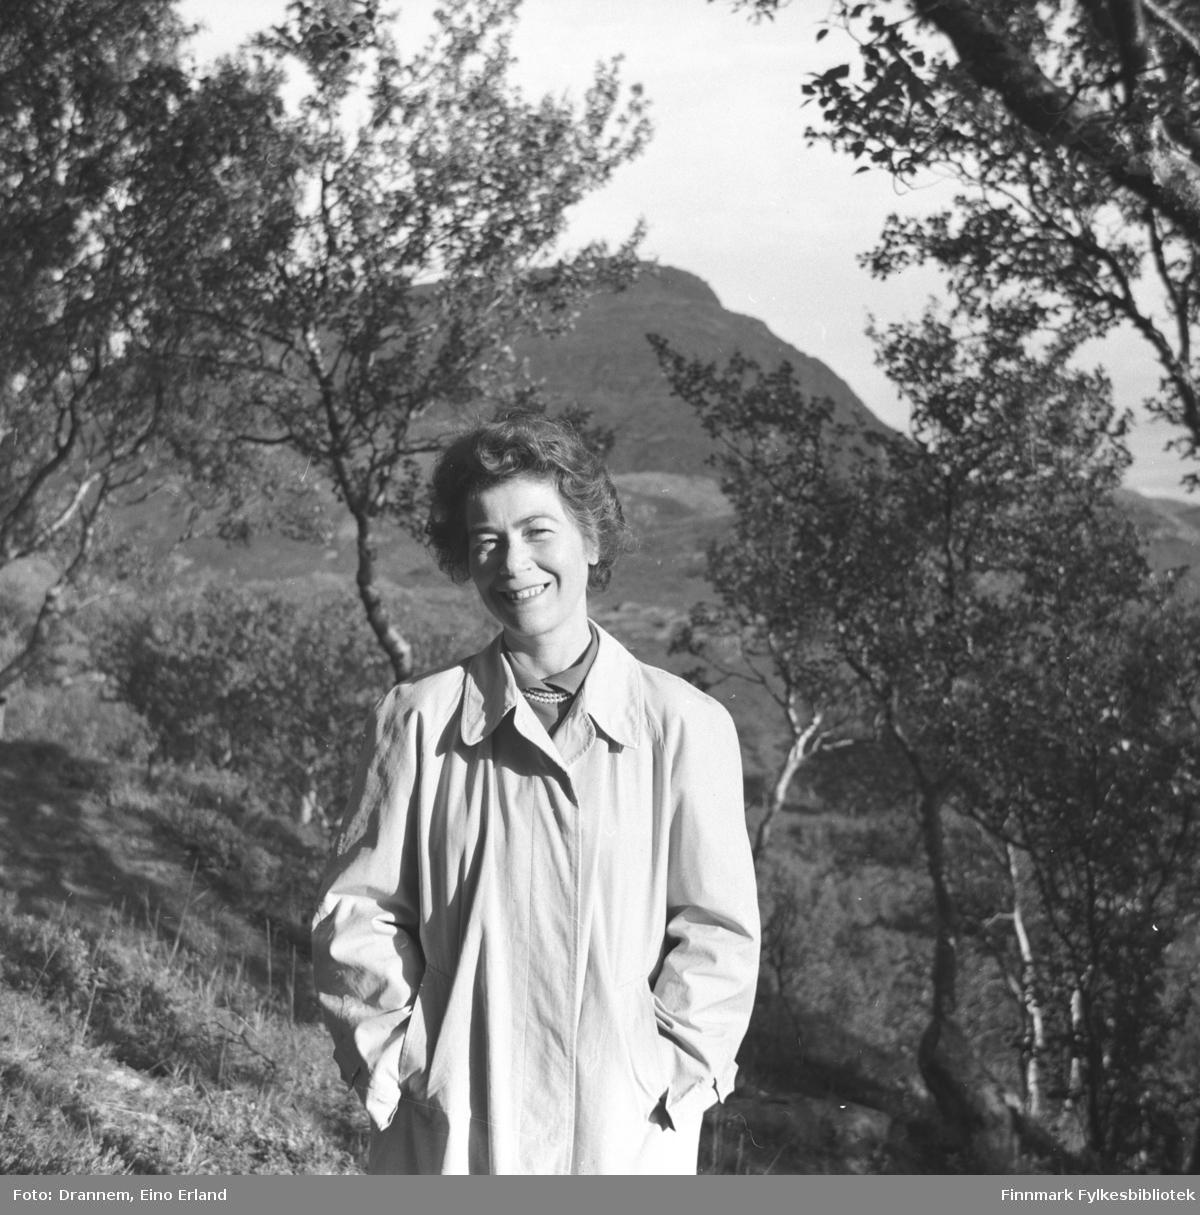 Portrett av Jenny Drannem med trær og fjell i bakgrunn